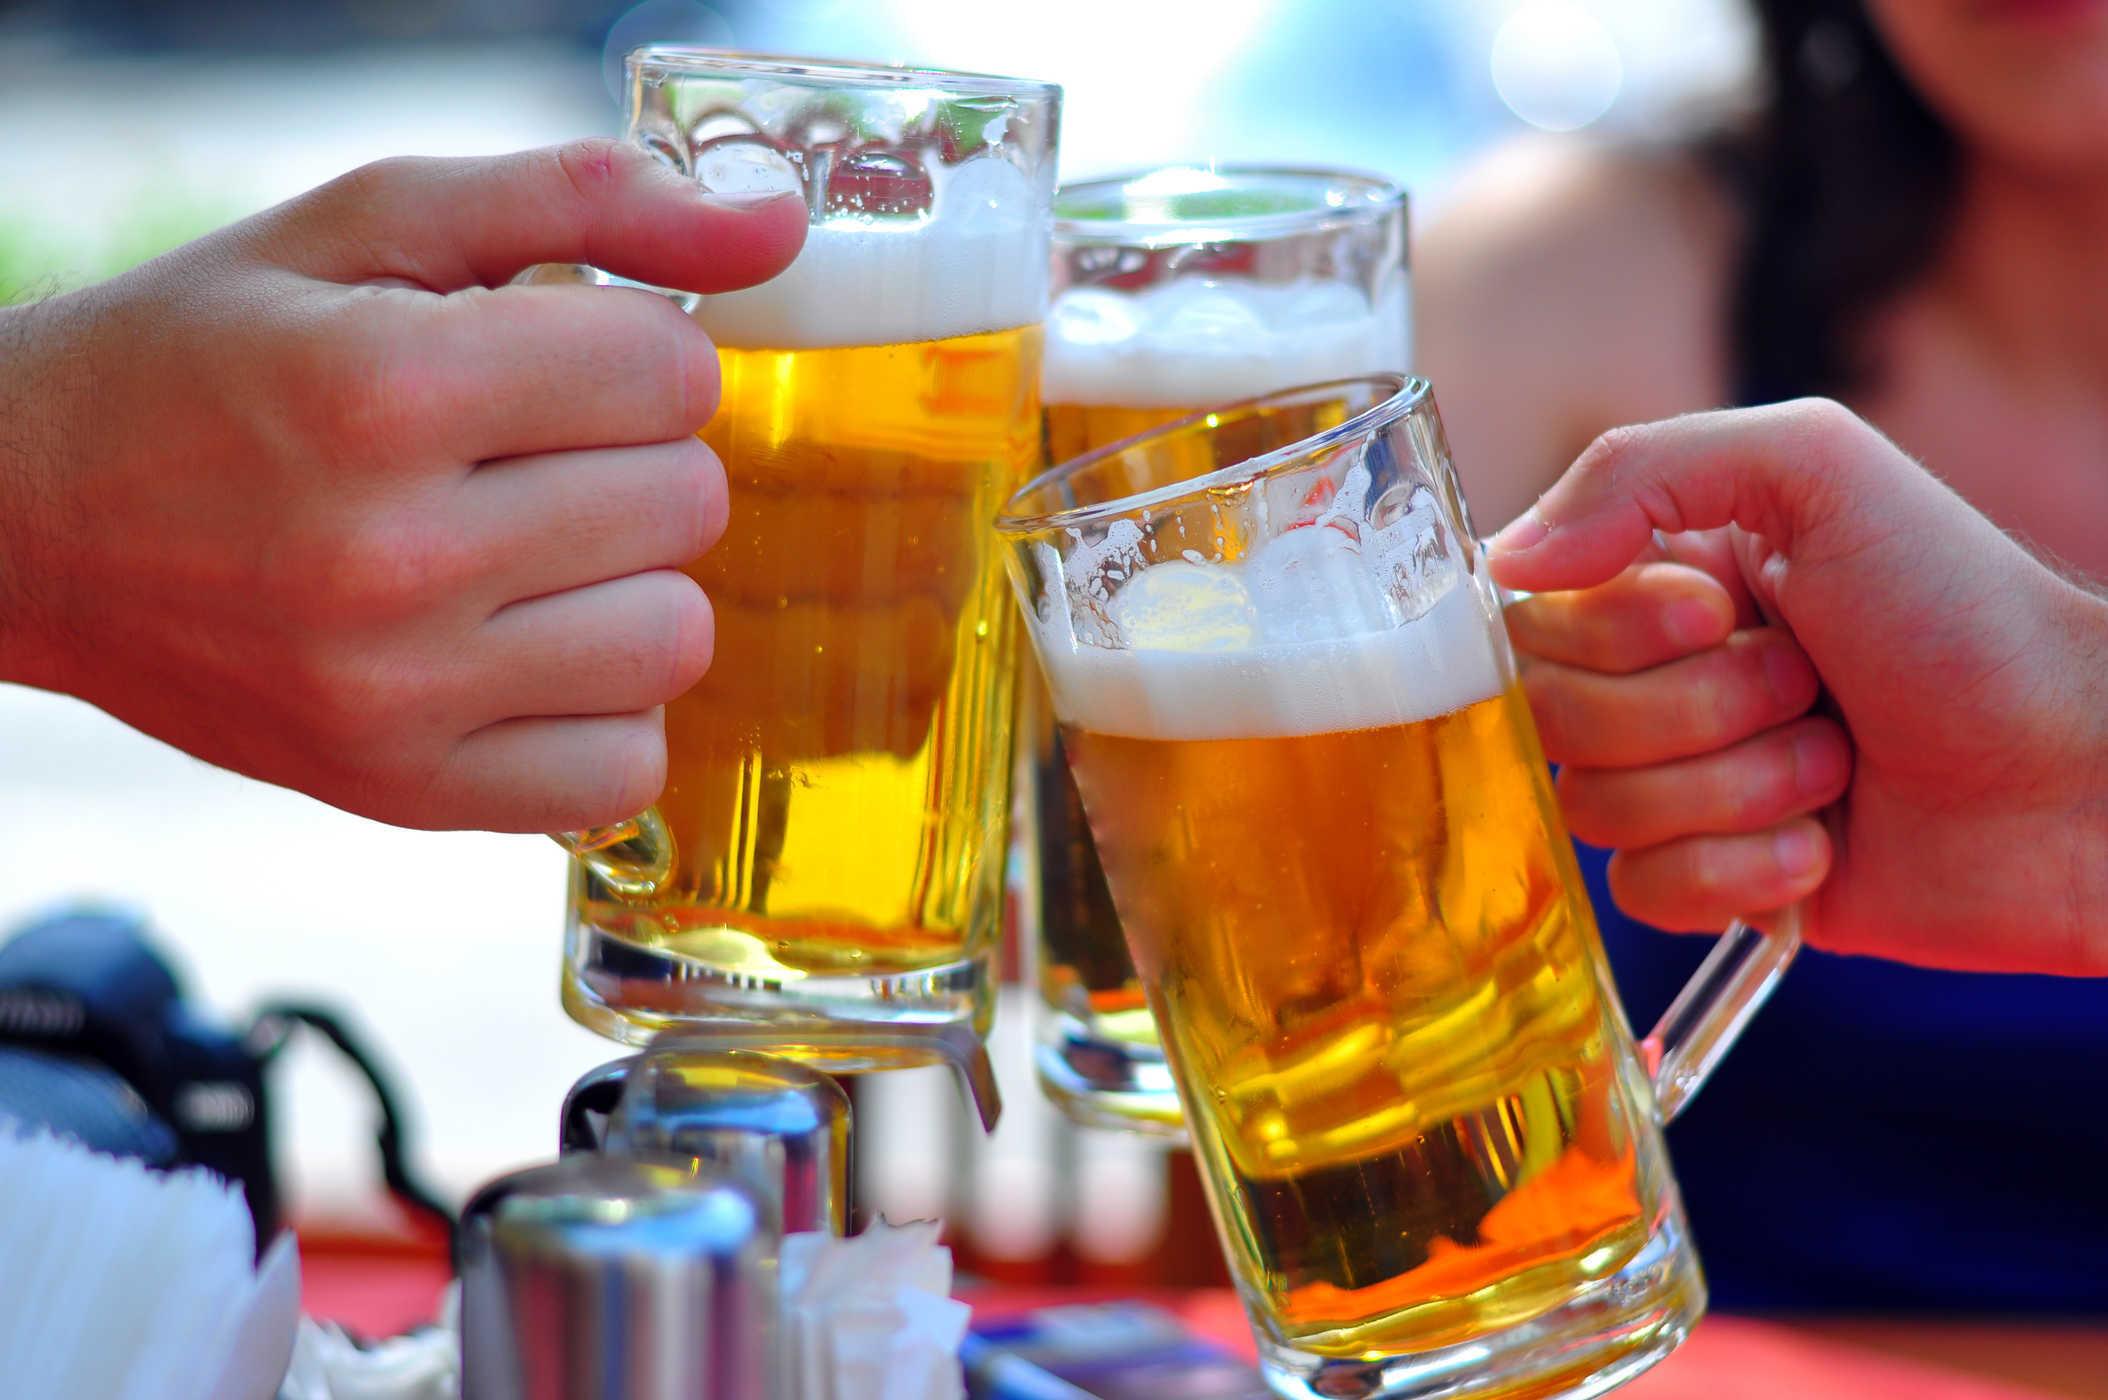 Kết quả hình ảnh cho các loại đồ uống hại cho sức khỏe